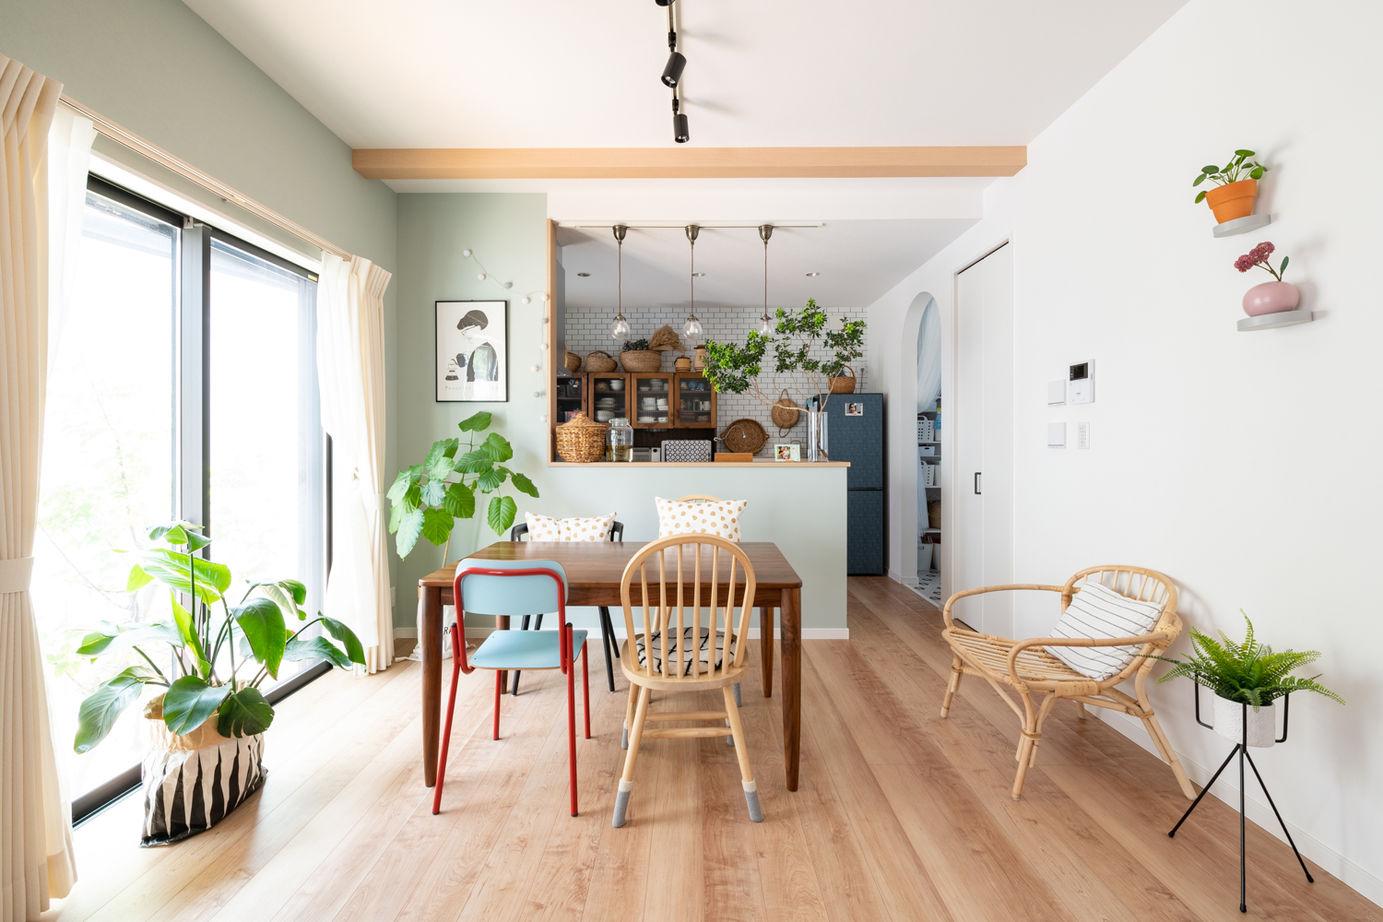 「マイホームが欲しい!」という夢を叶えた、人との出会いとコストパフォーマンス重視の家づくり画像2